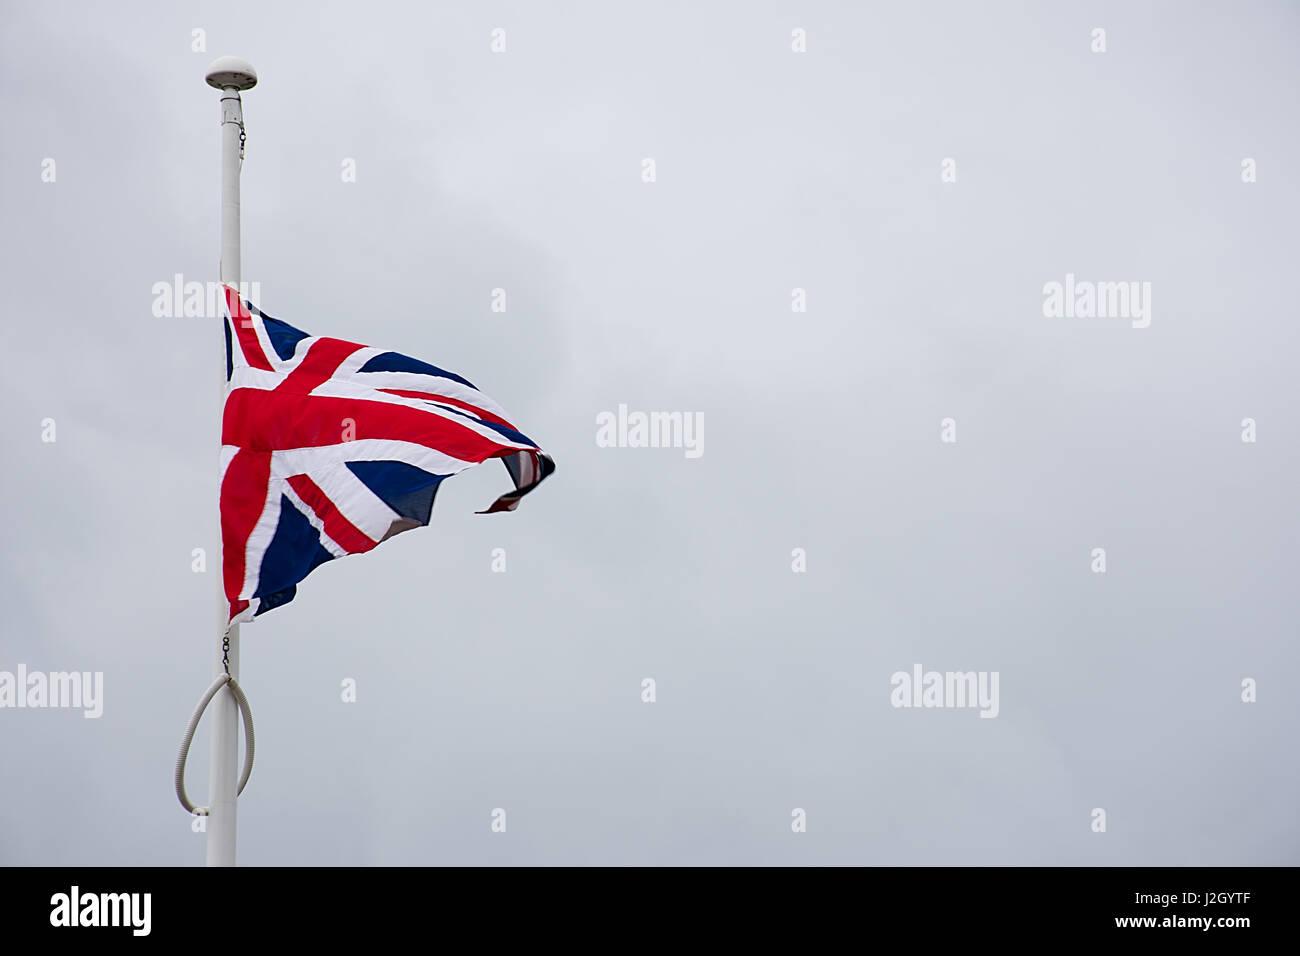 british flag pole stock photos u0026 british flag pole stock images